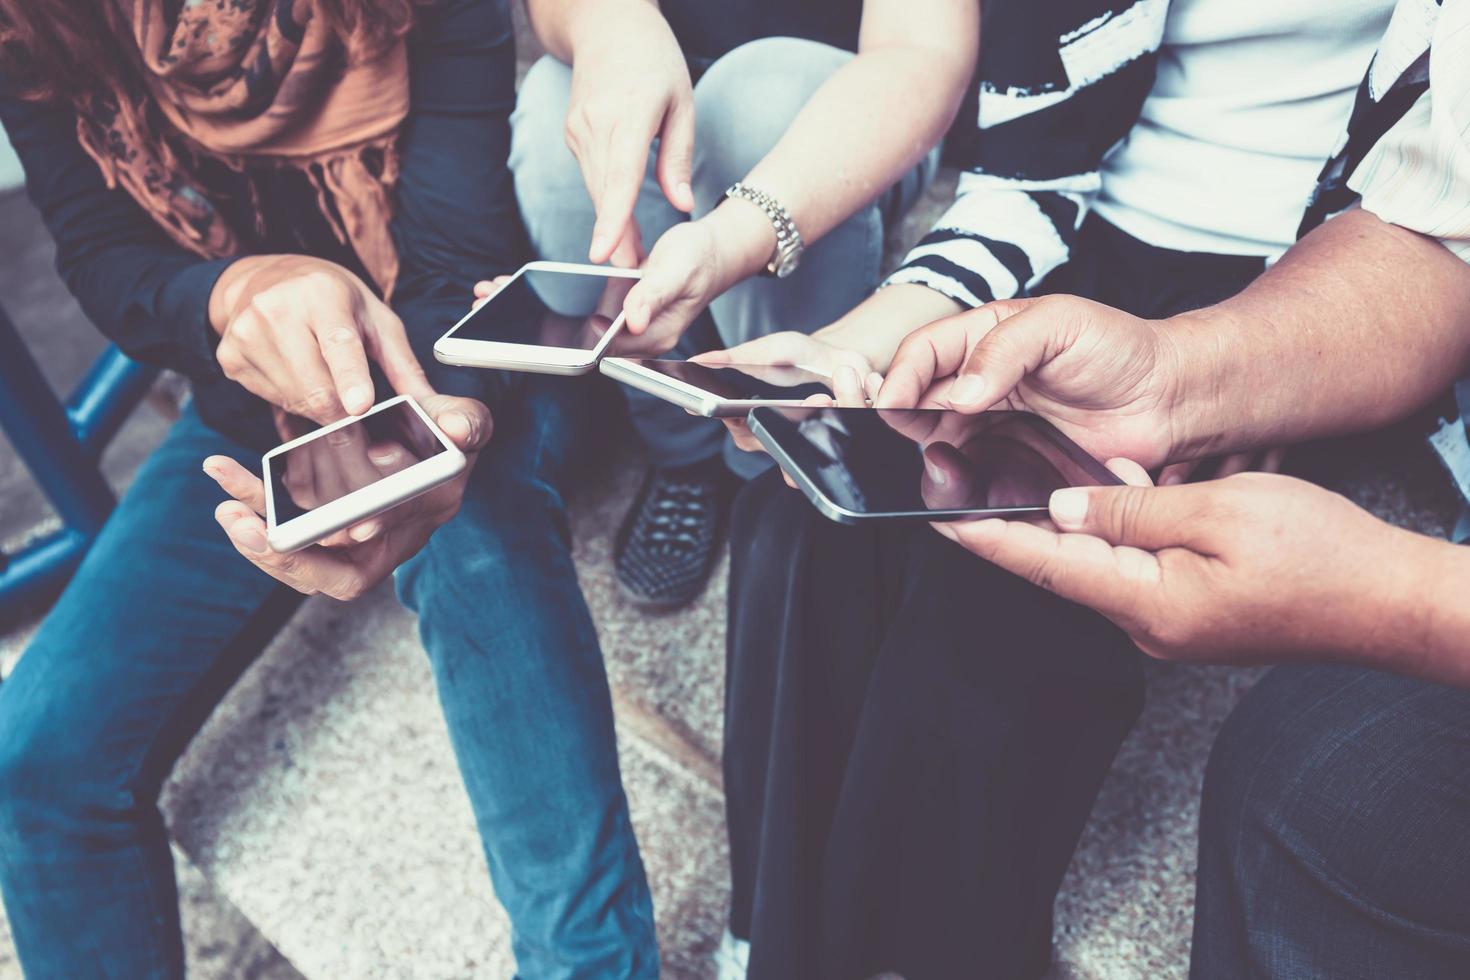 Gruppe von Menschen mit Smartphones foto